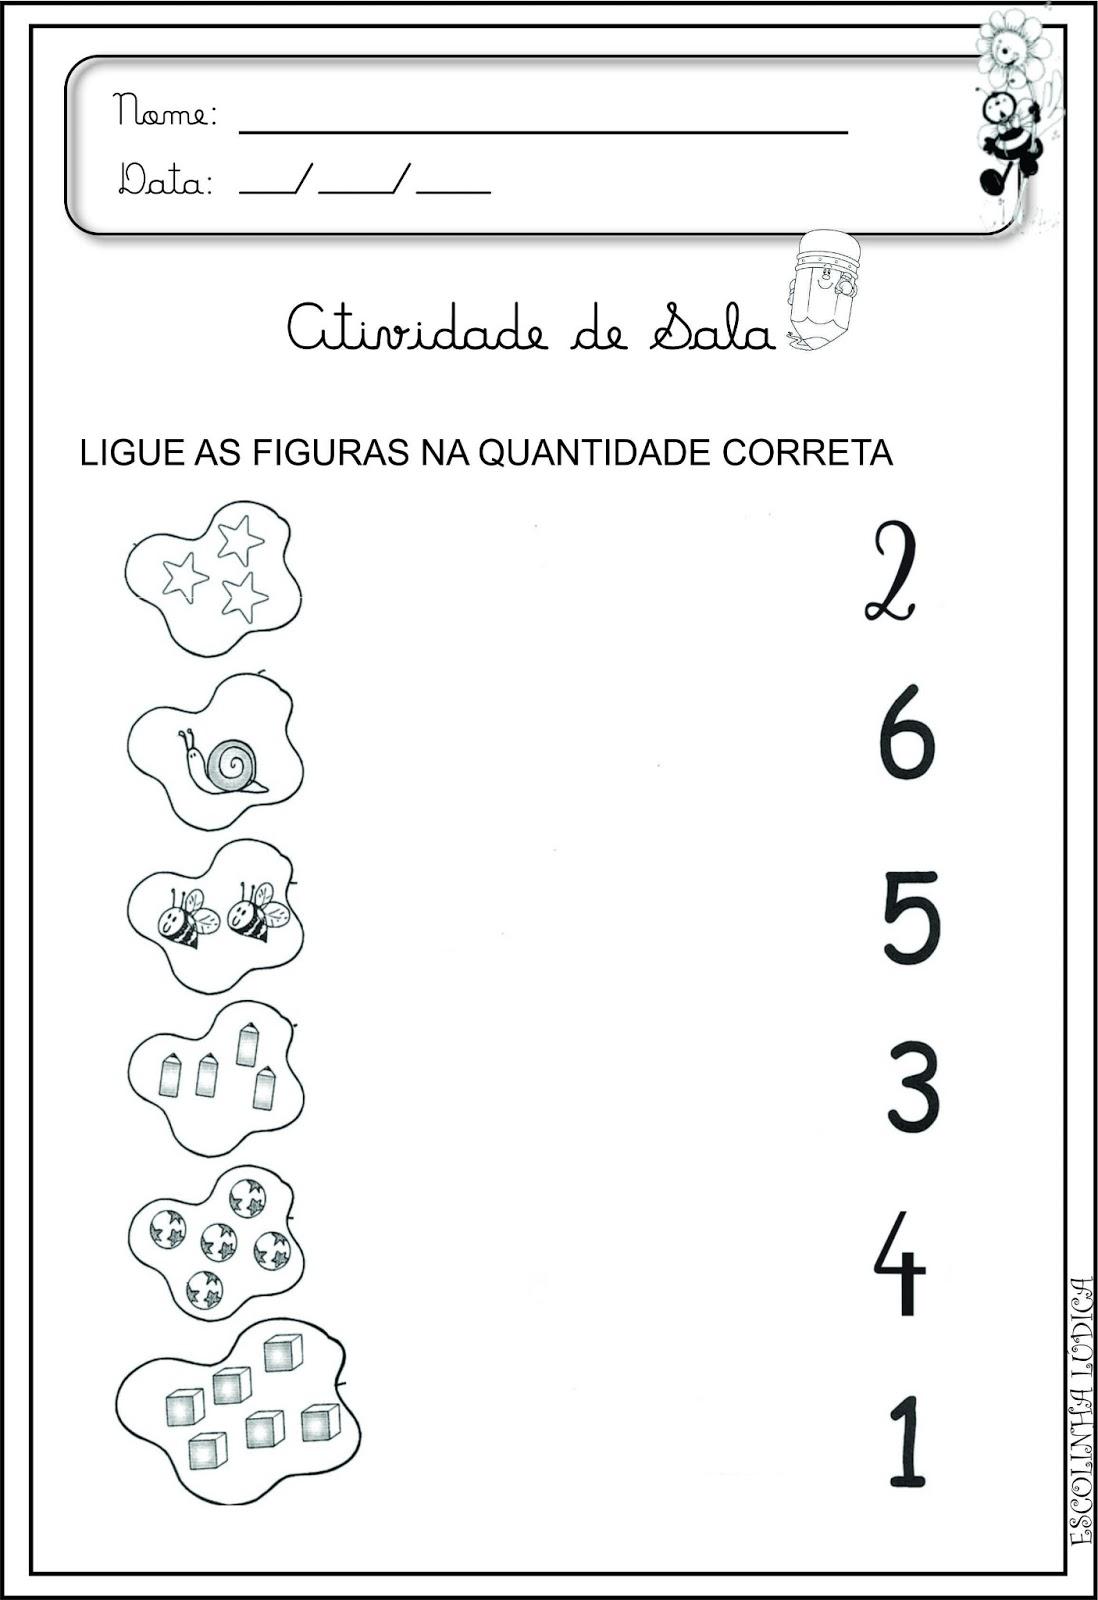 Super Portal do Professor do ensino Infantil: Atividades de Matemática JX81